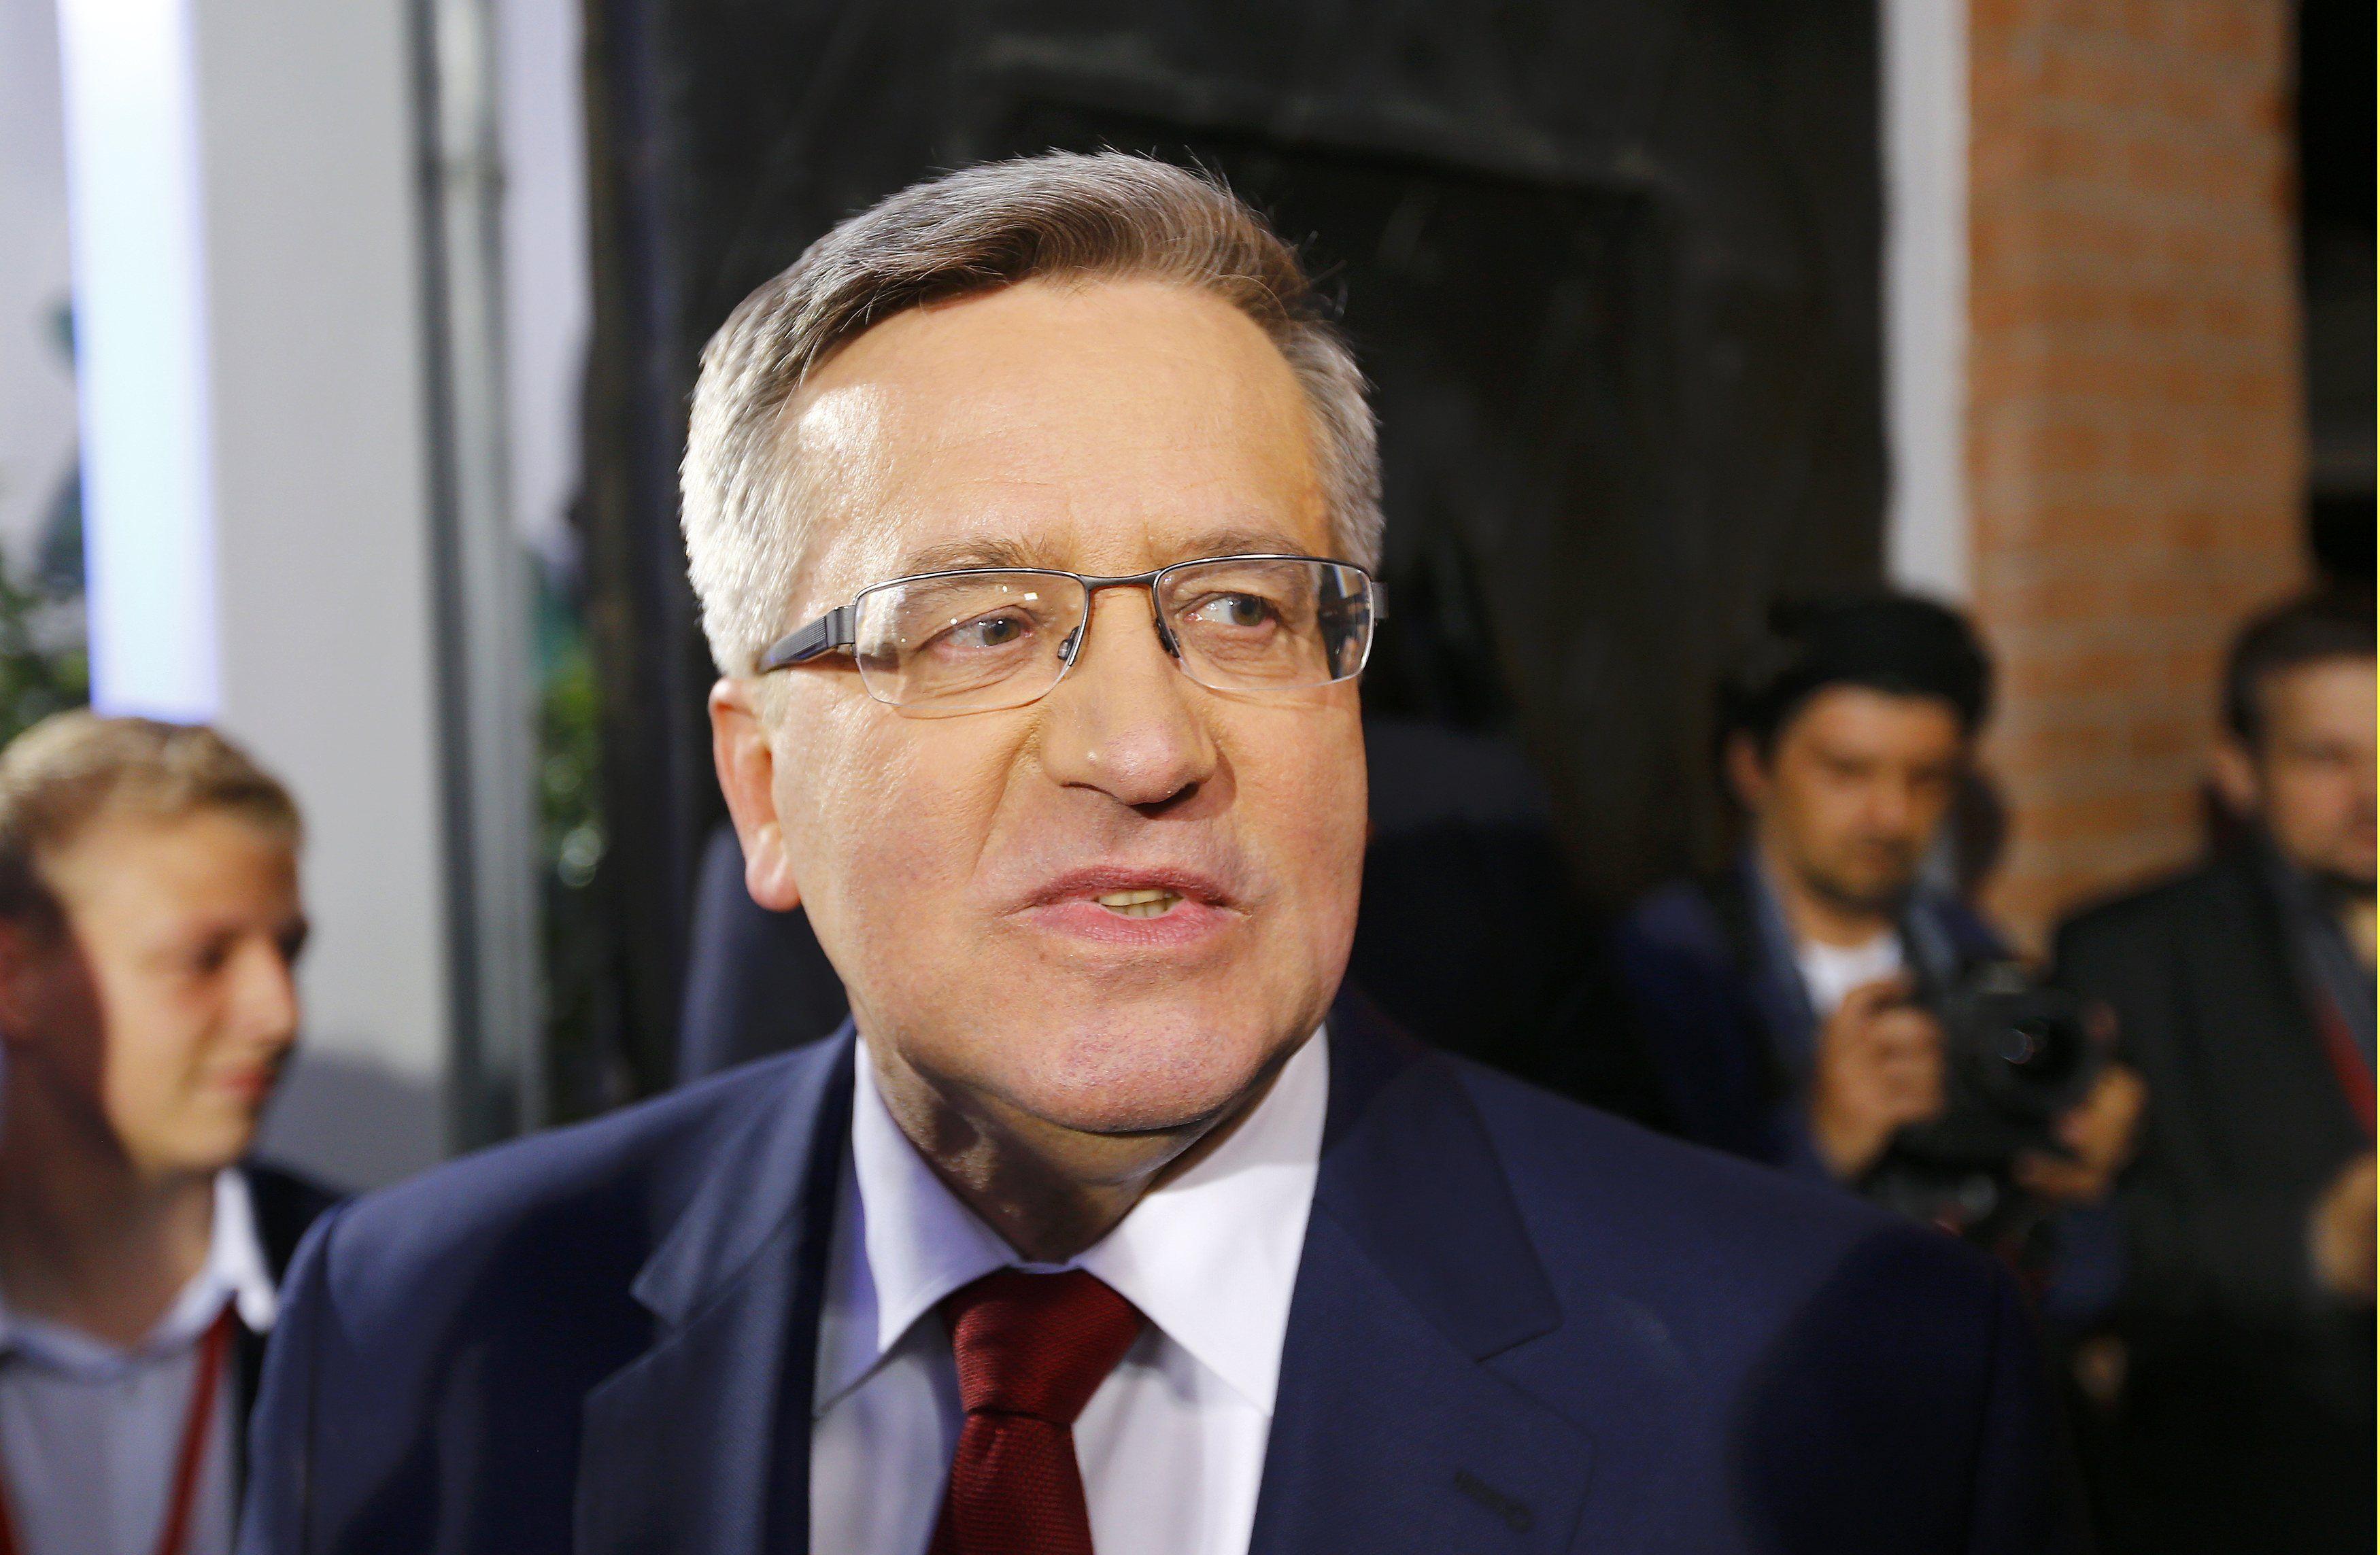 Presidente admitiu derrota após divulgação de pesquisas de boca de urna / Pawel Kopczynski